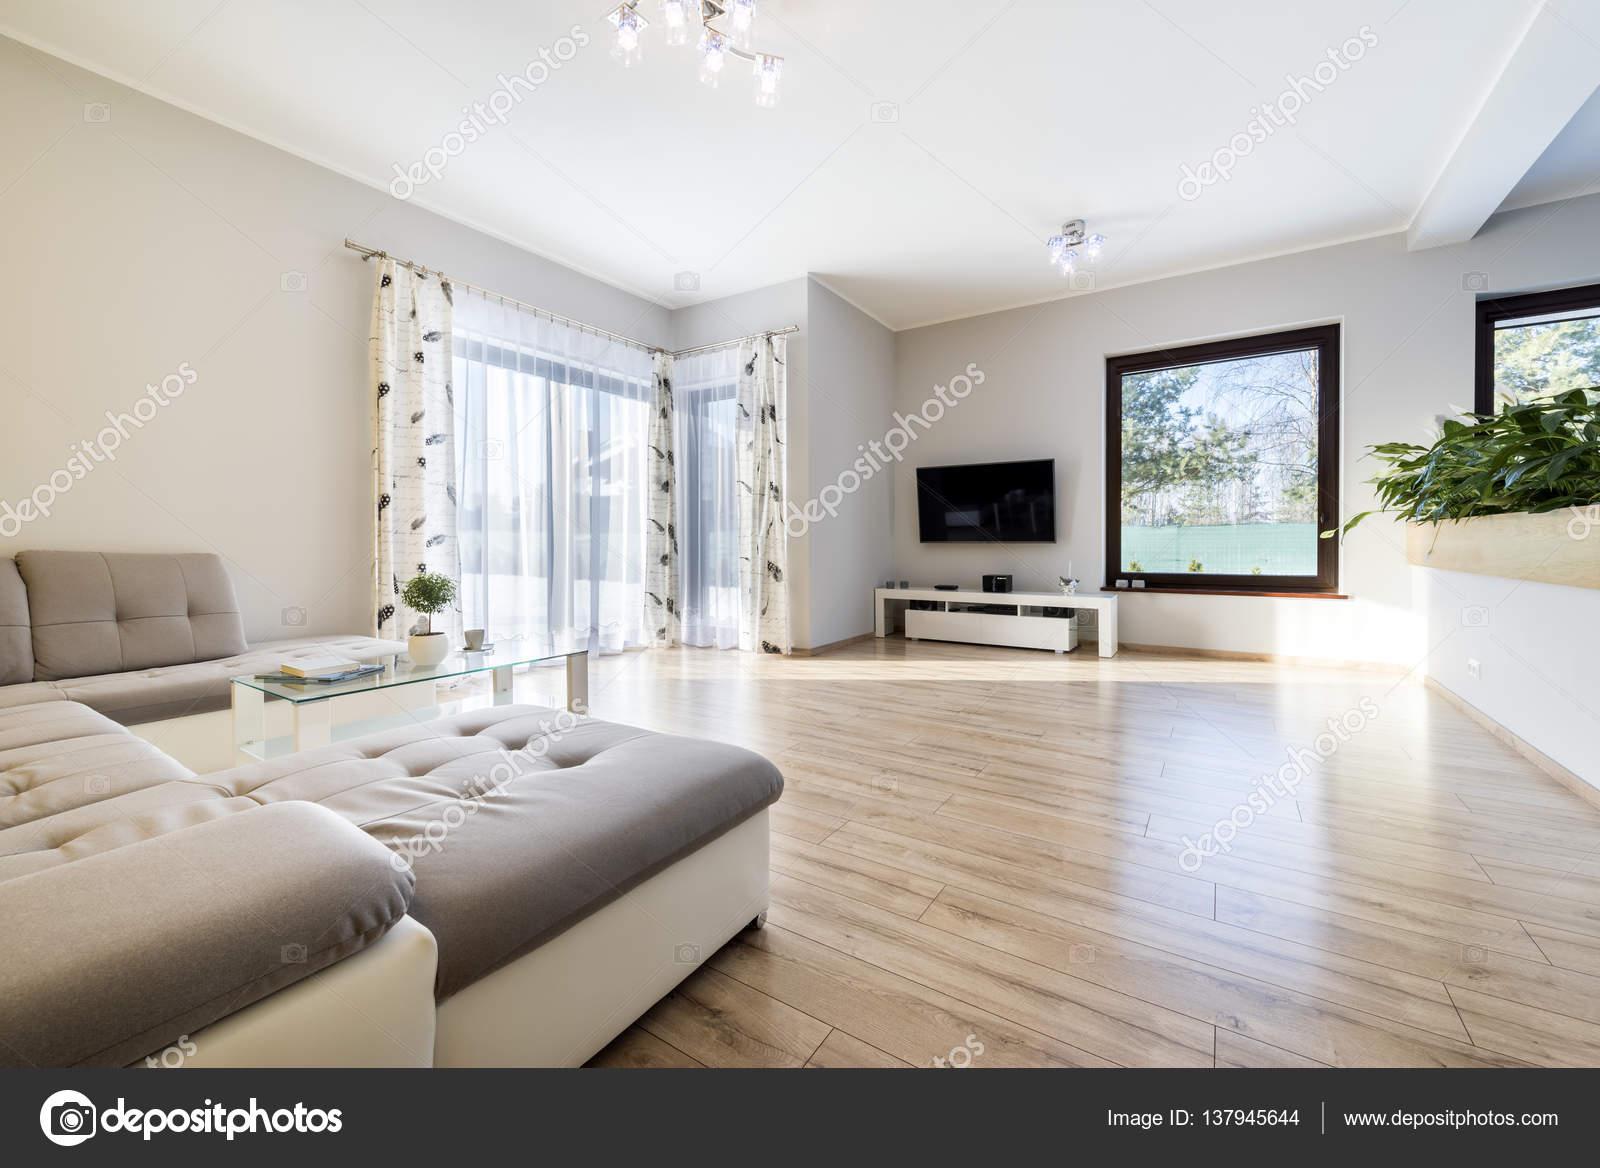 Woonkamer Houten Vloer : Interieur moderne woonkamer met houten vloer u stockfoto